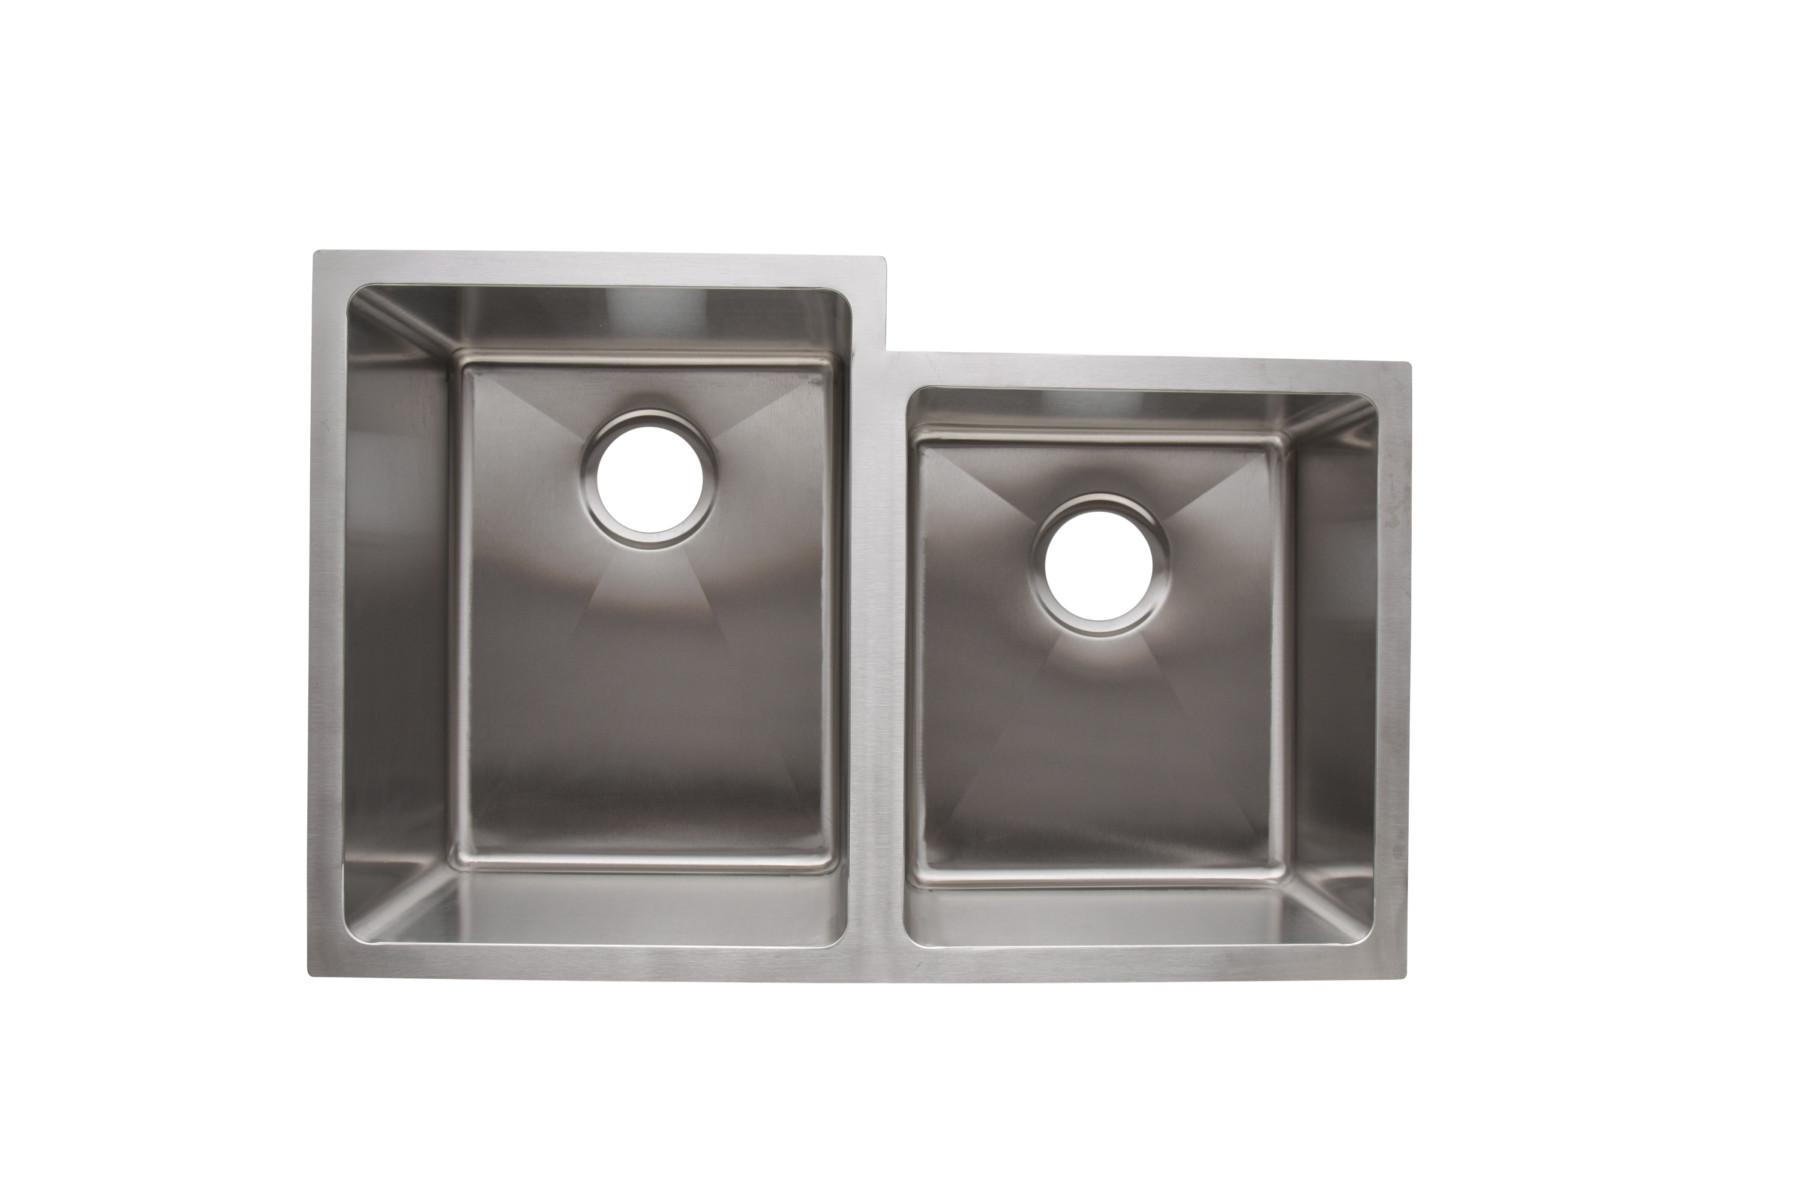 as336 31 u2033 x 20 u2033 x 9 u2033 7 u2033 16g double bowl undermount legend stainless steel kitchen sink as331 31   x 20   x 9   7   18g double bowl undermount legend      rh   amerisink com